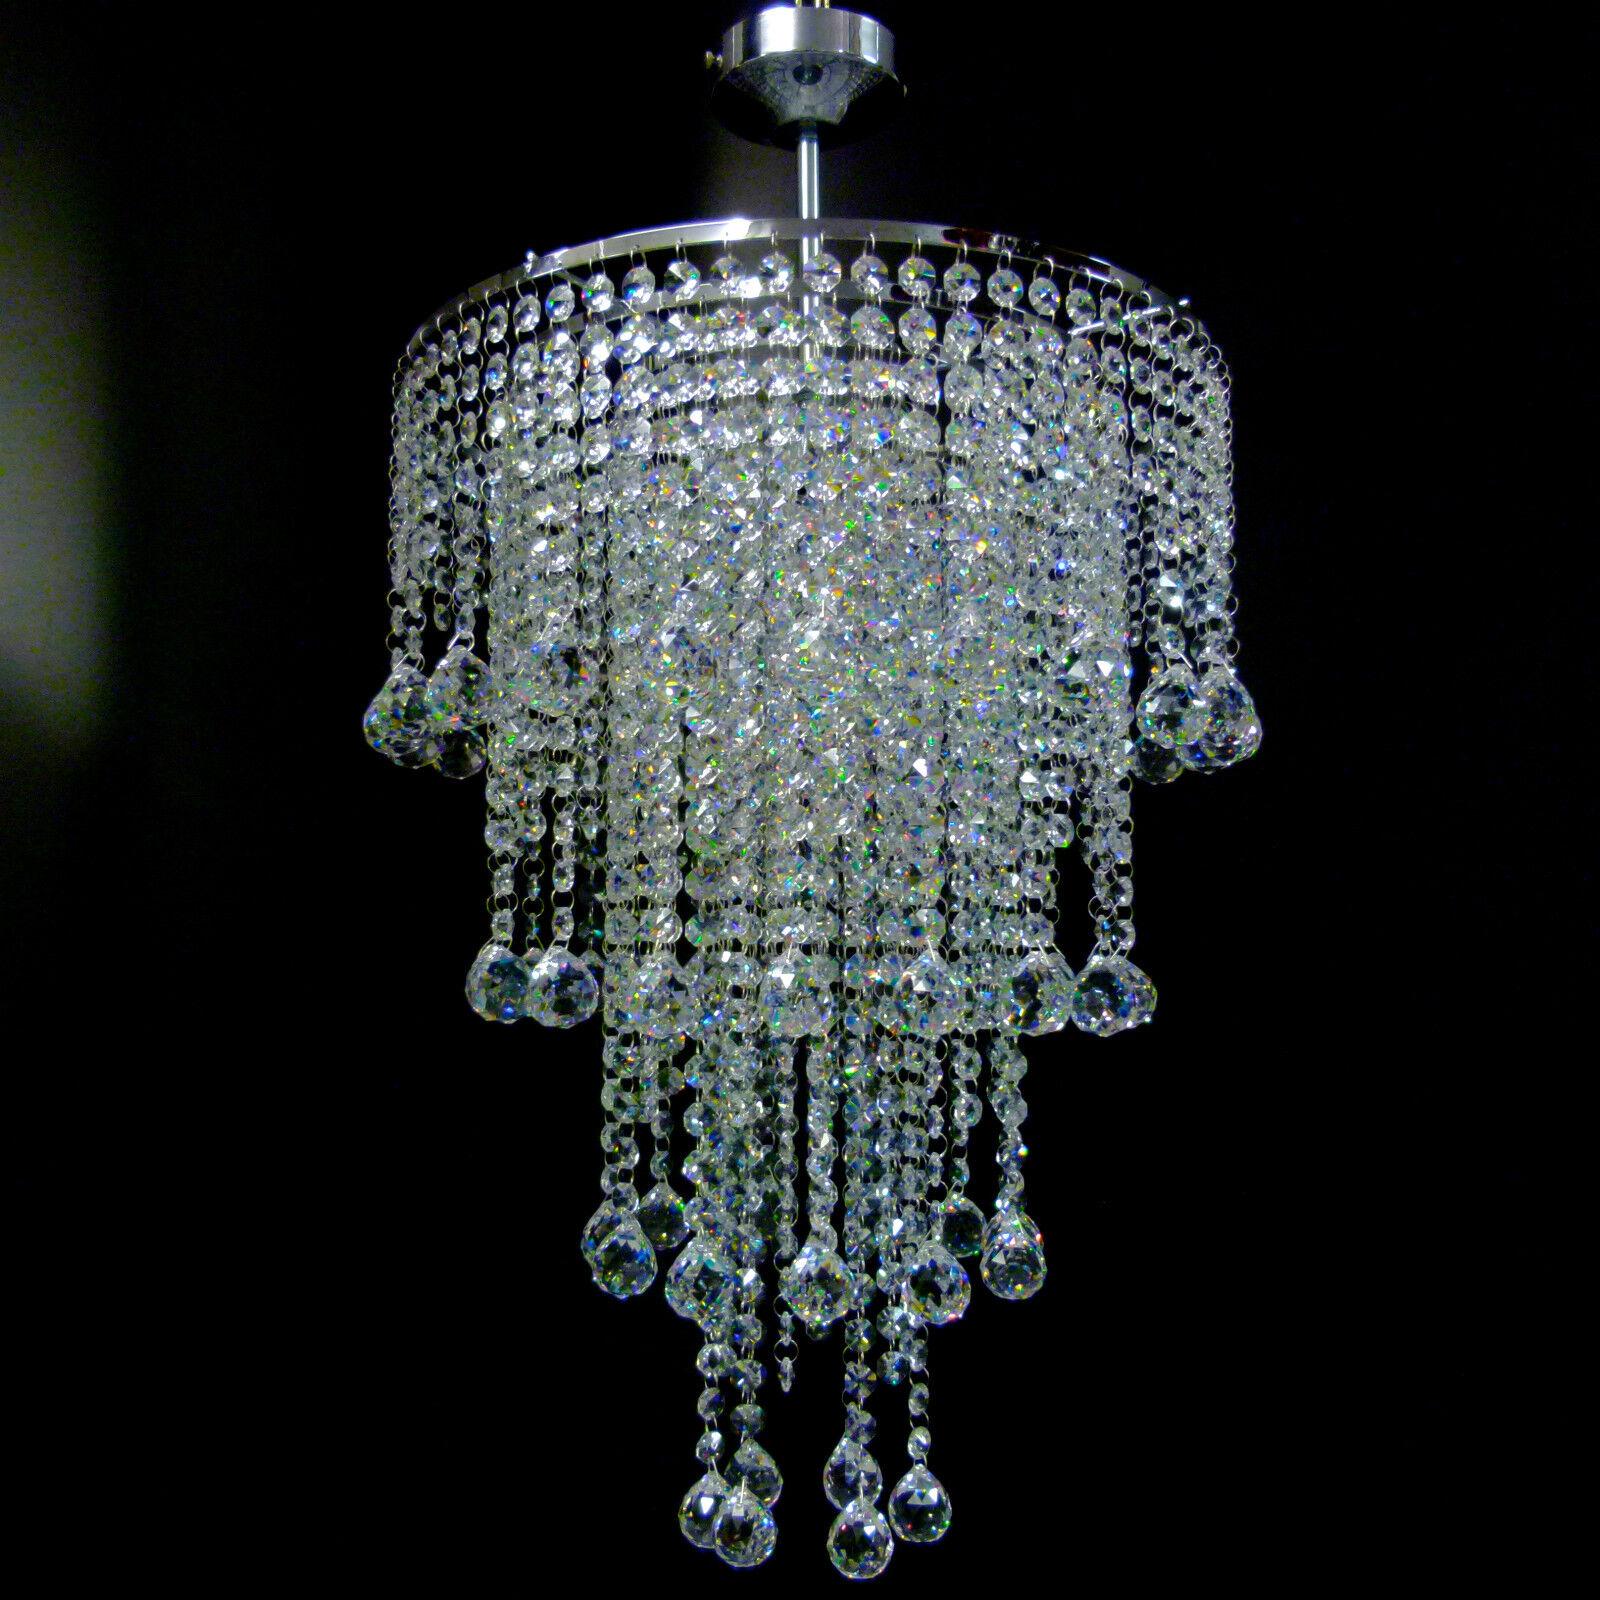 de techo Cromo Luces Vidrio Cristal Luz Plomo De ball mN8Ovn0wPy